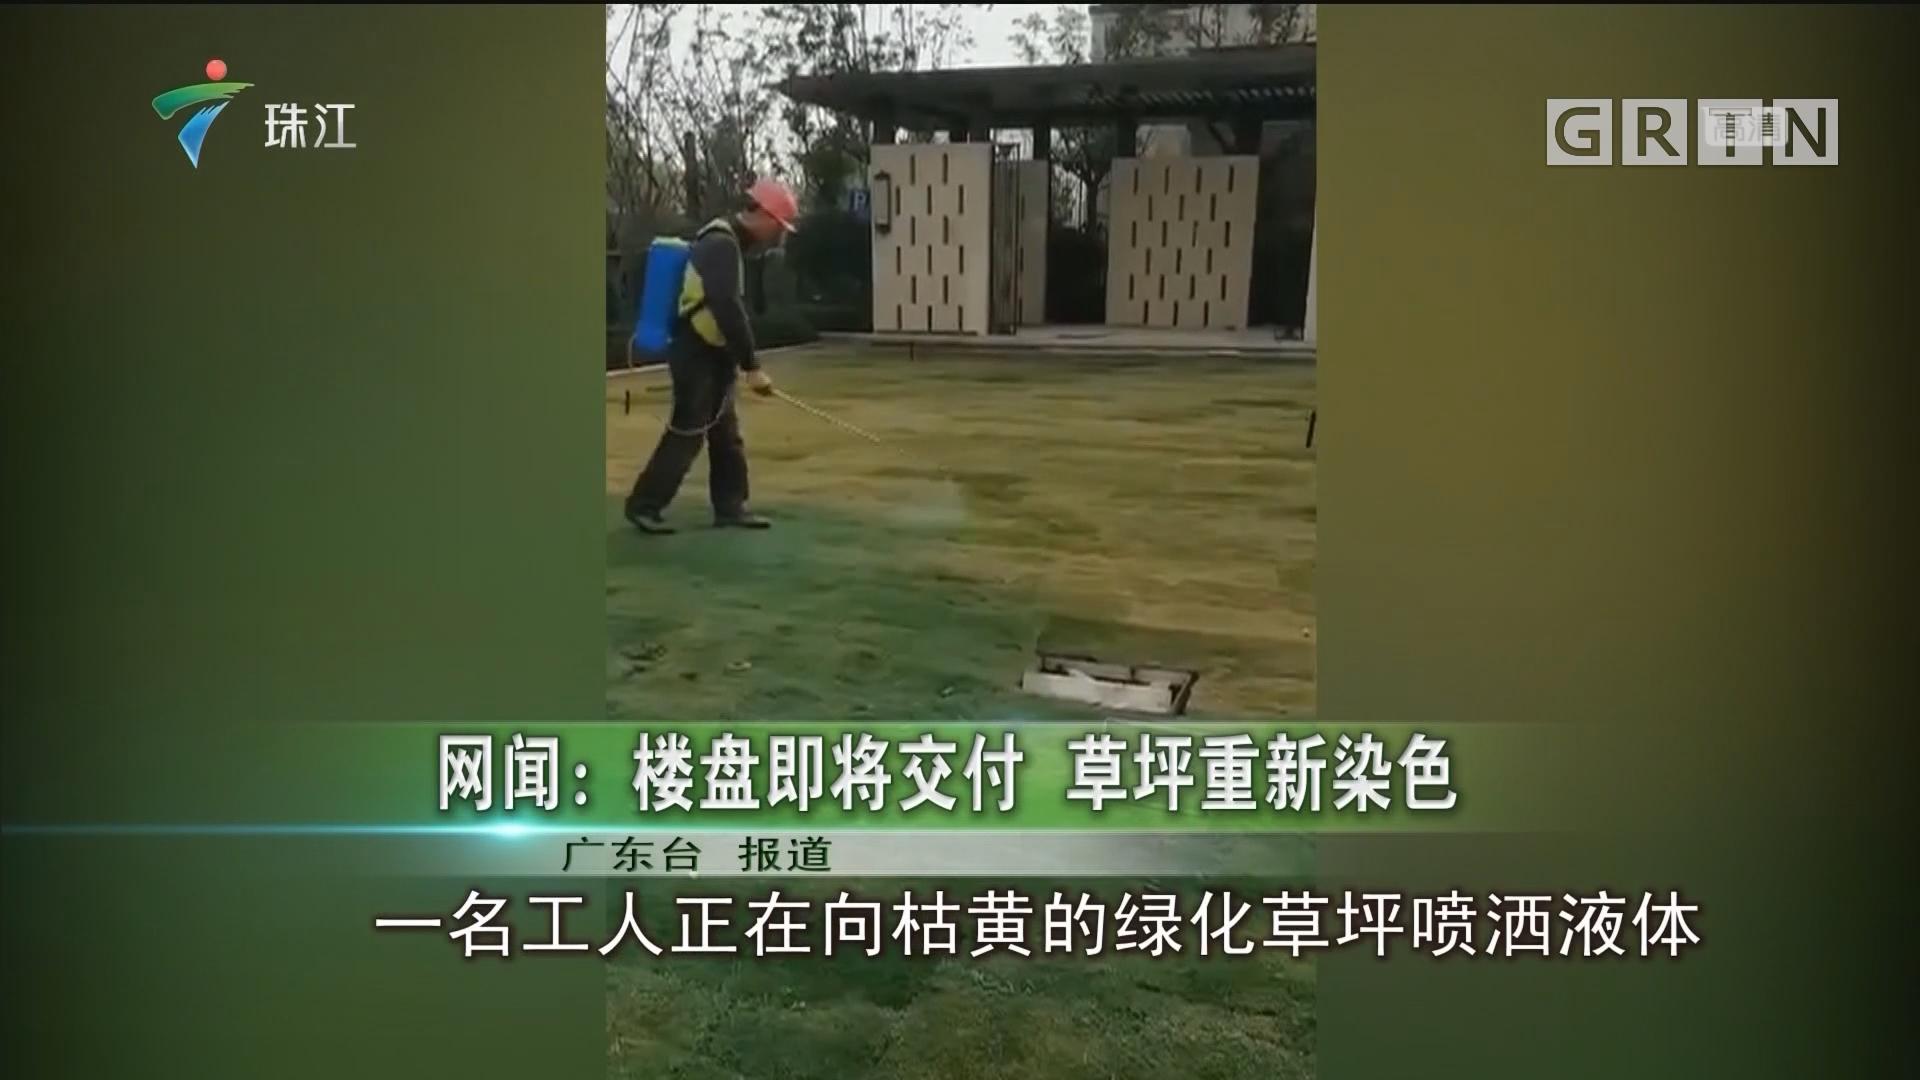 网闻:楼盘即将交付 草坪重新染色